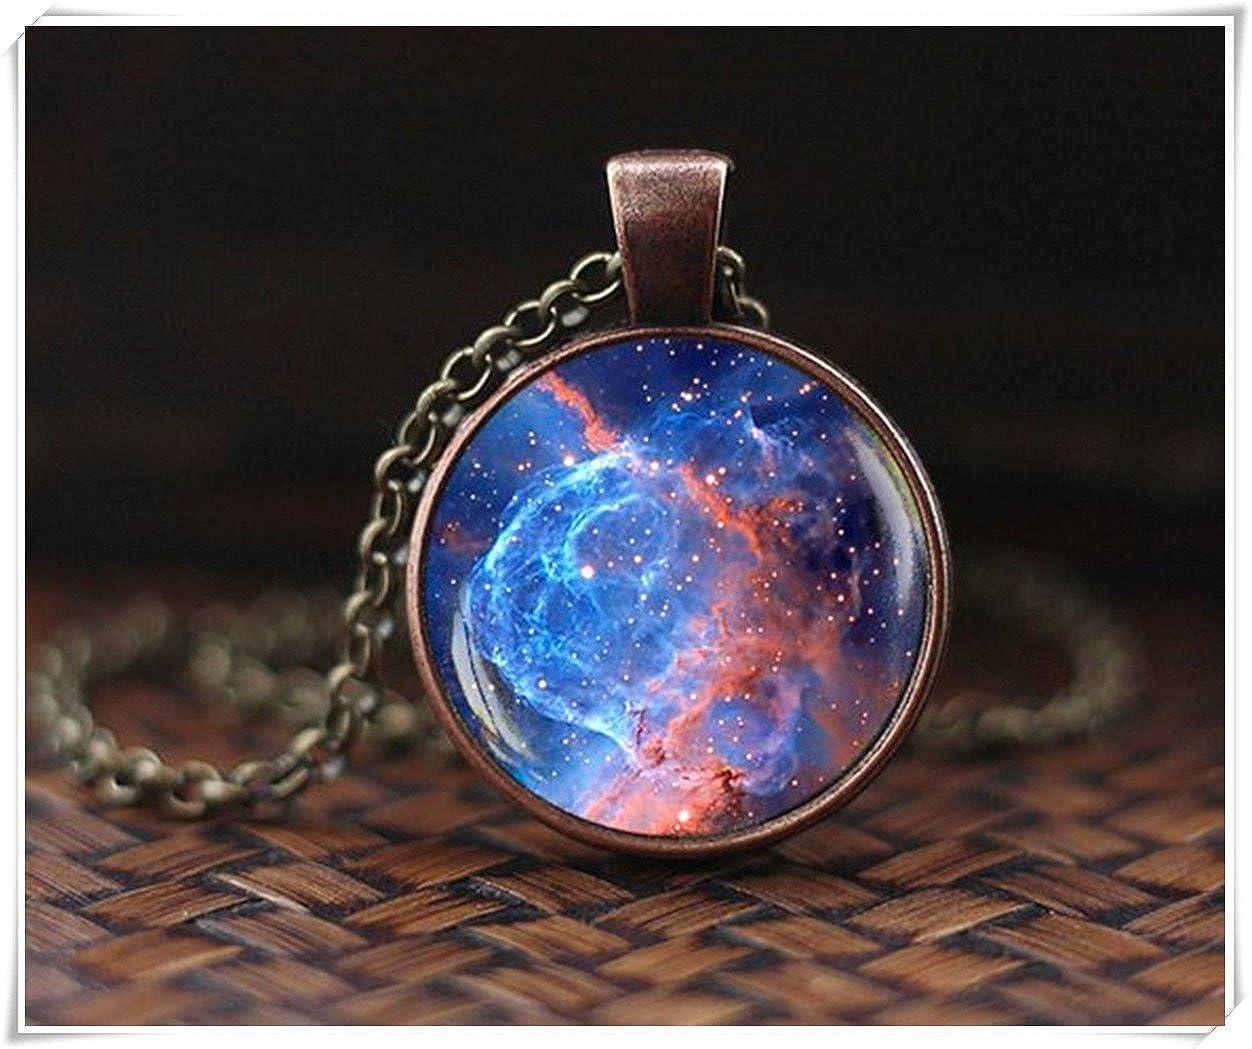 Blauer Weltraum Sonnenaufgang Anh/änger Nebel Galaxie Anh/änger Galaxie Kette Universum Schmuck Weltraum Halskette Ein sch/önes Geschenk